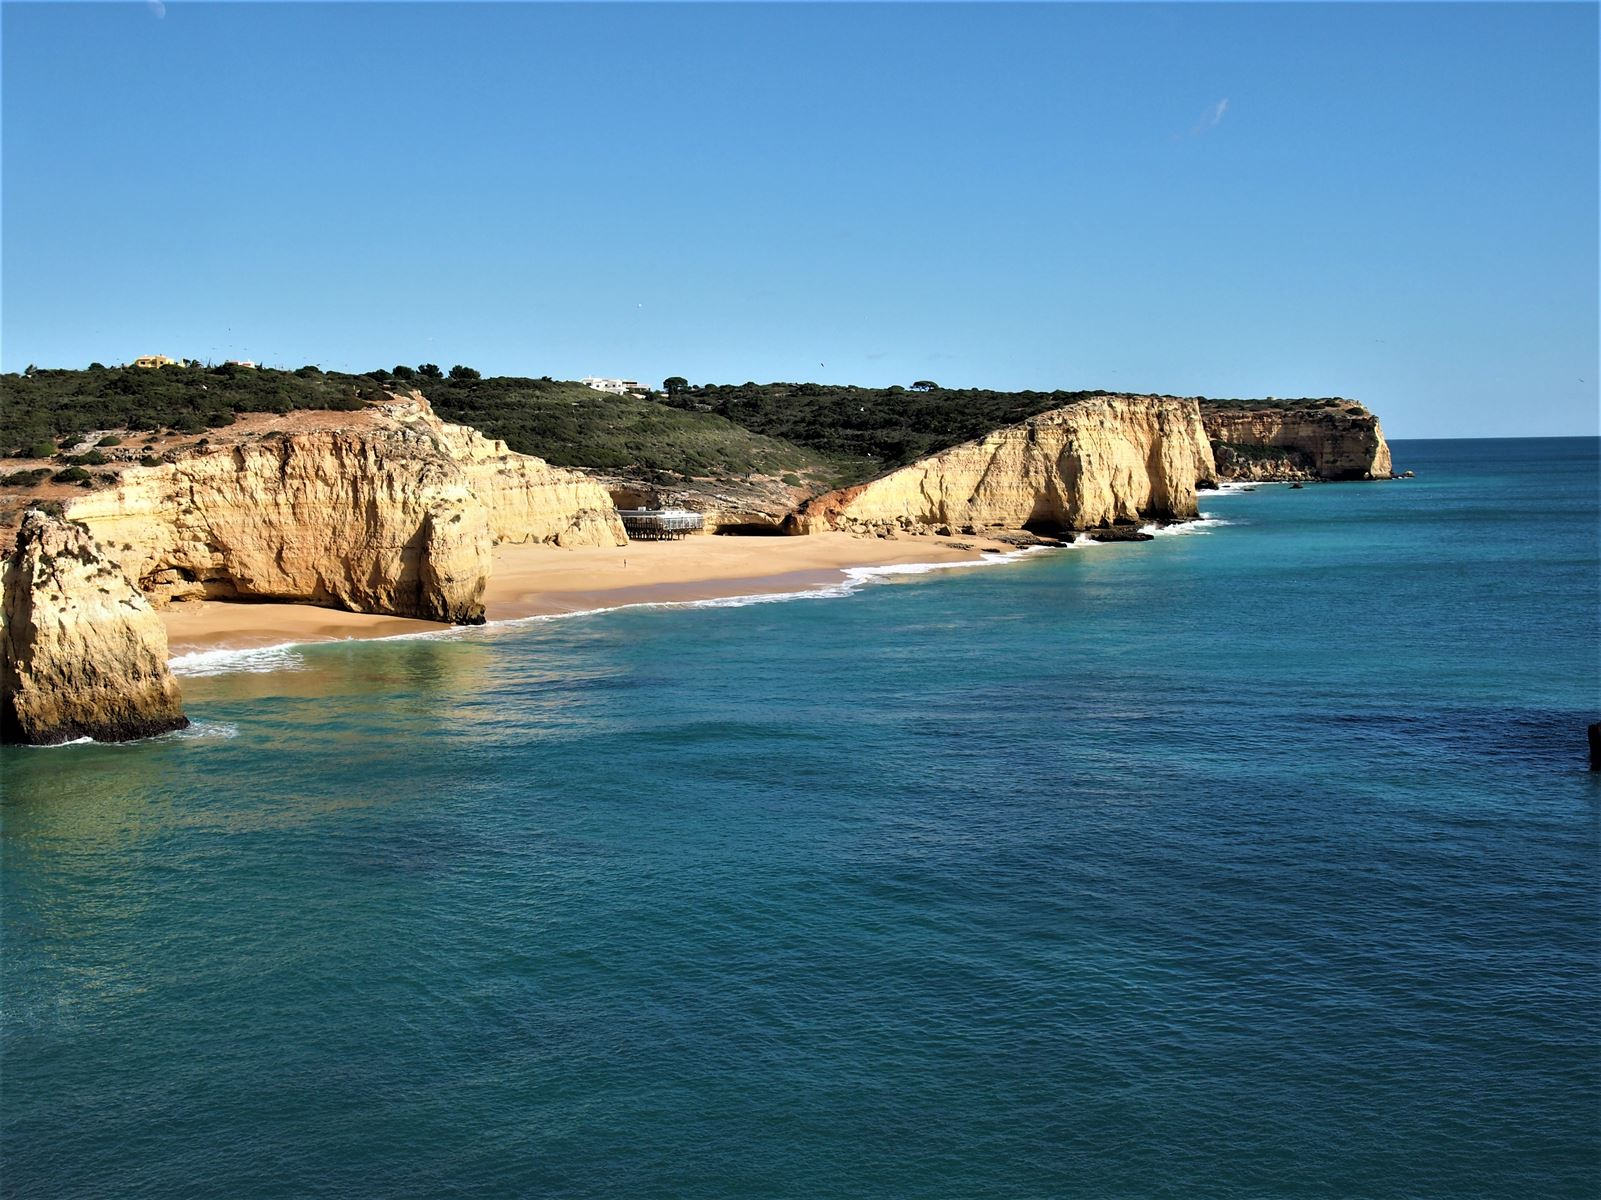 Praia dos Caneiros. Vistas desde Ponto do Altar, Ferragudo, Algarve